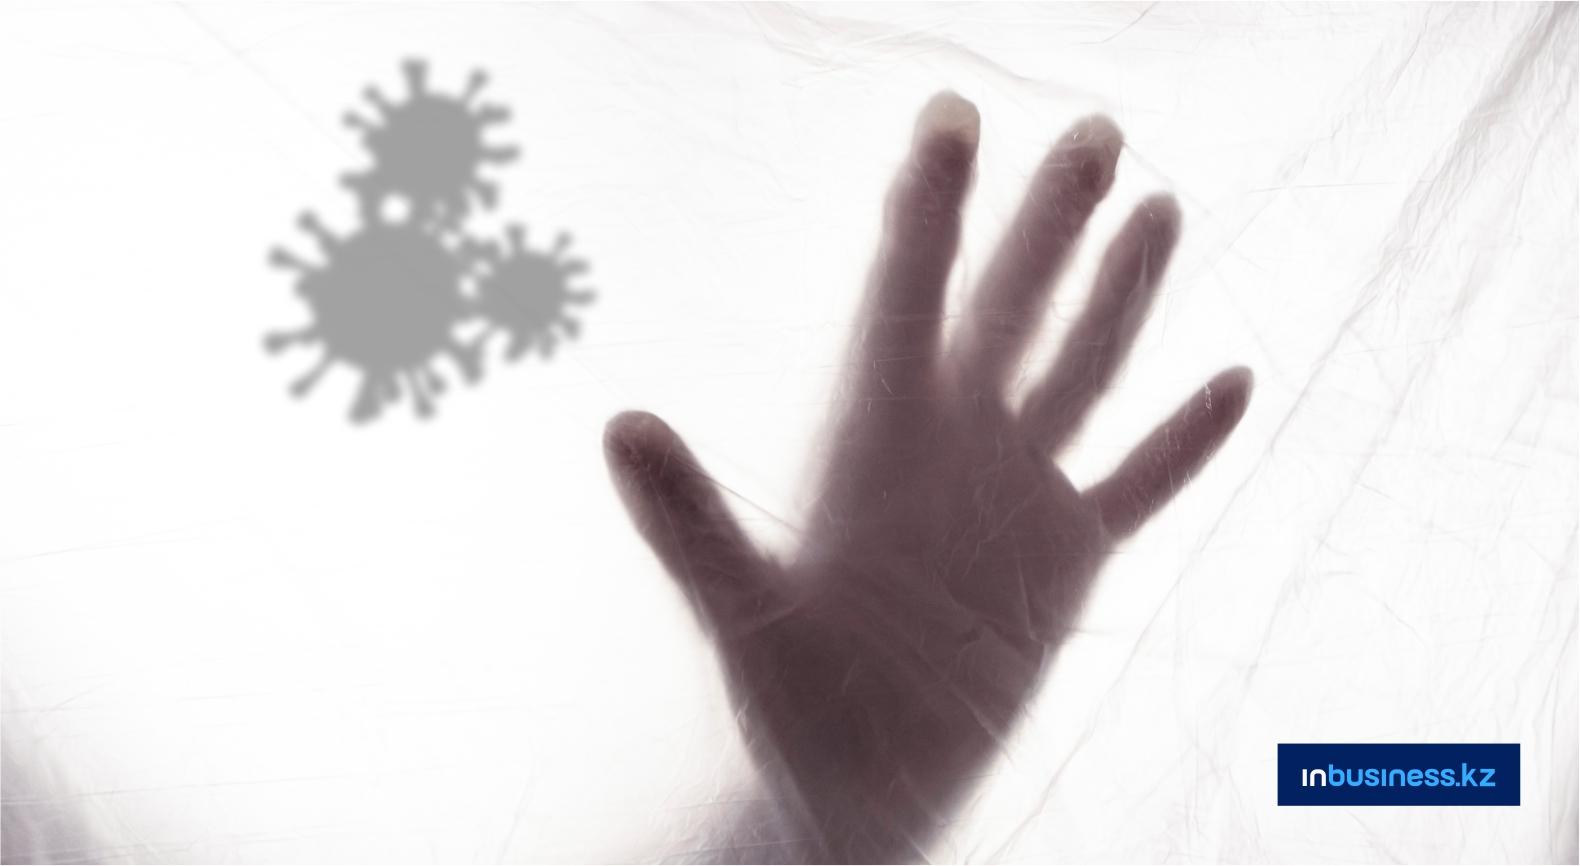 Рекордное число умерших от коронавируса зафиксировано в России